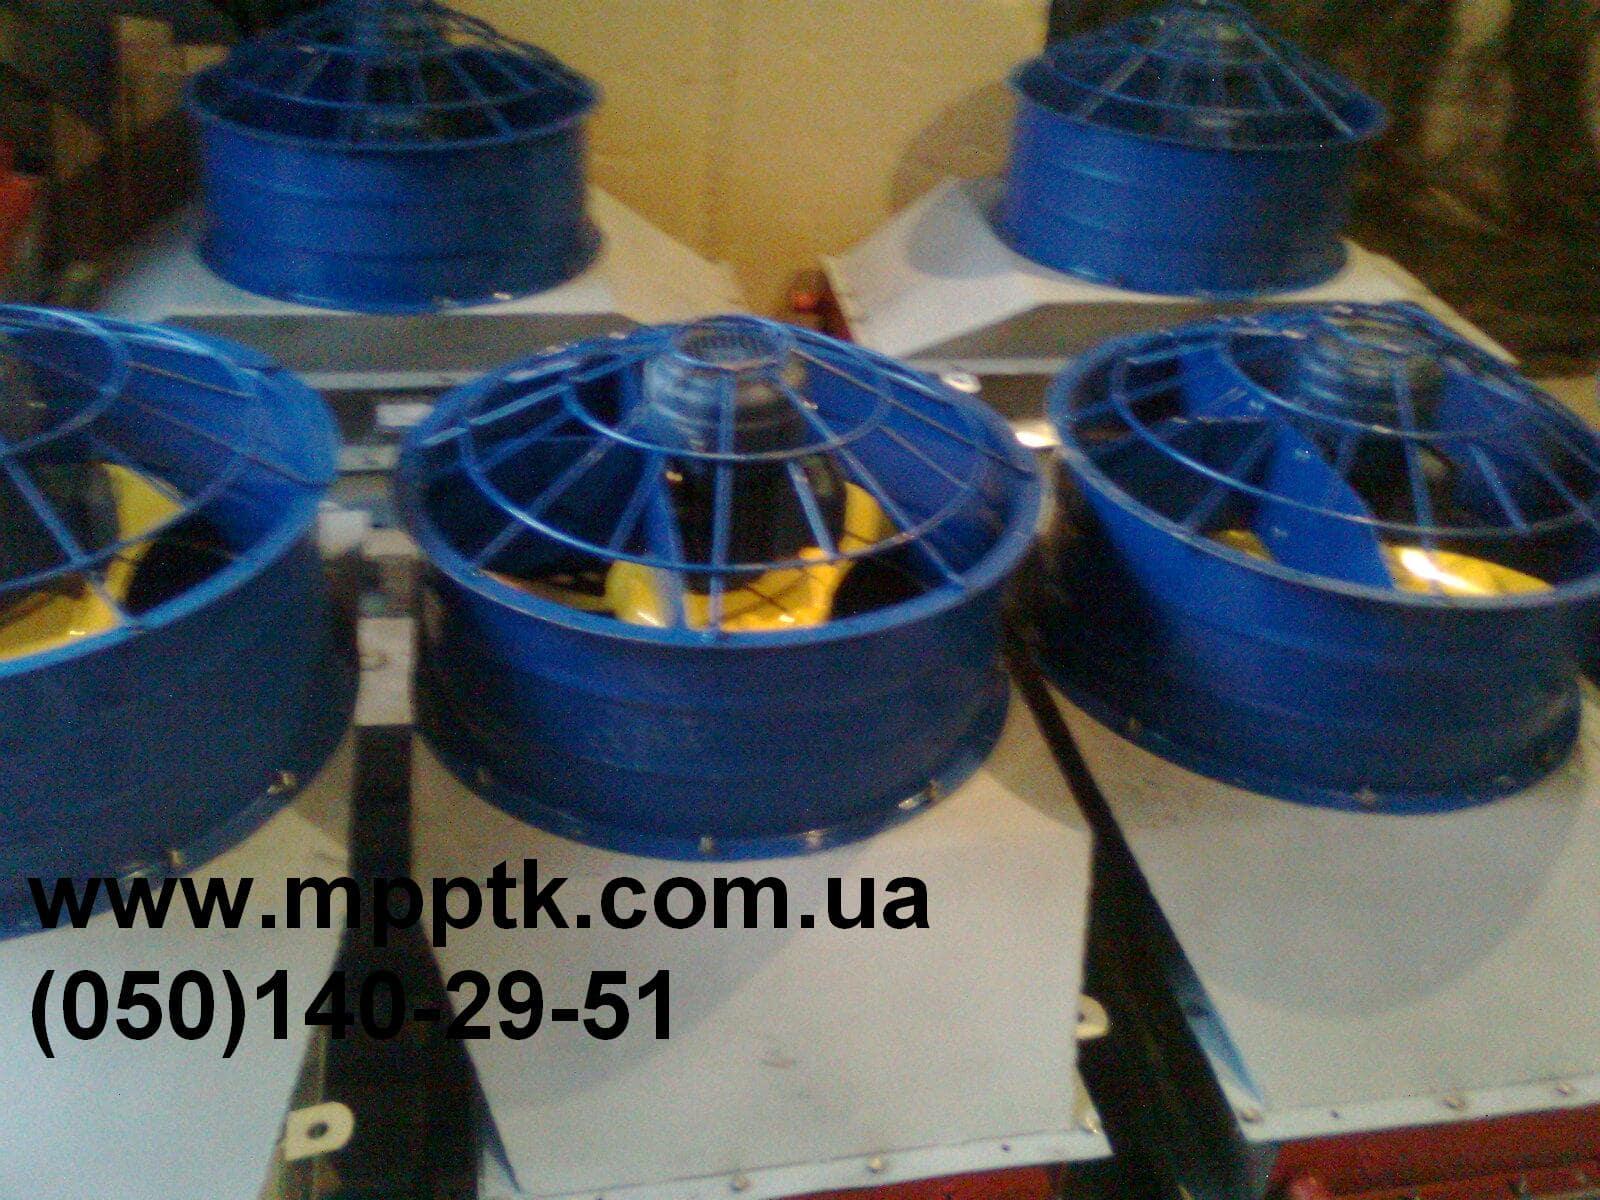 Отопительные агрегаты производство изготовление продажа купить доставка Украина